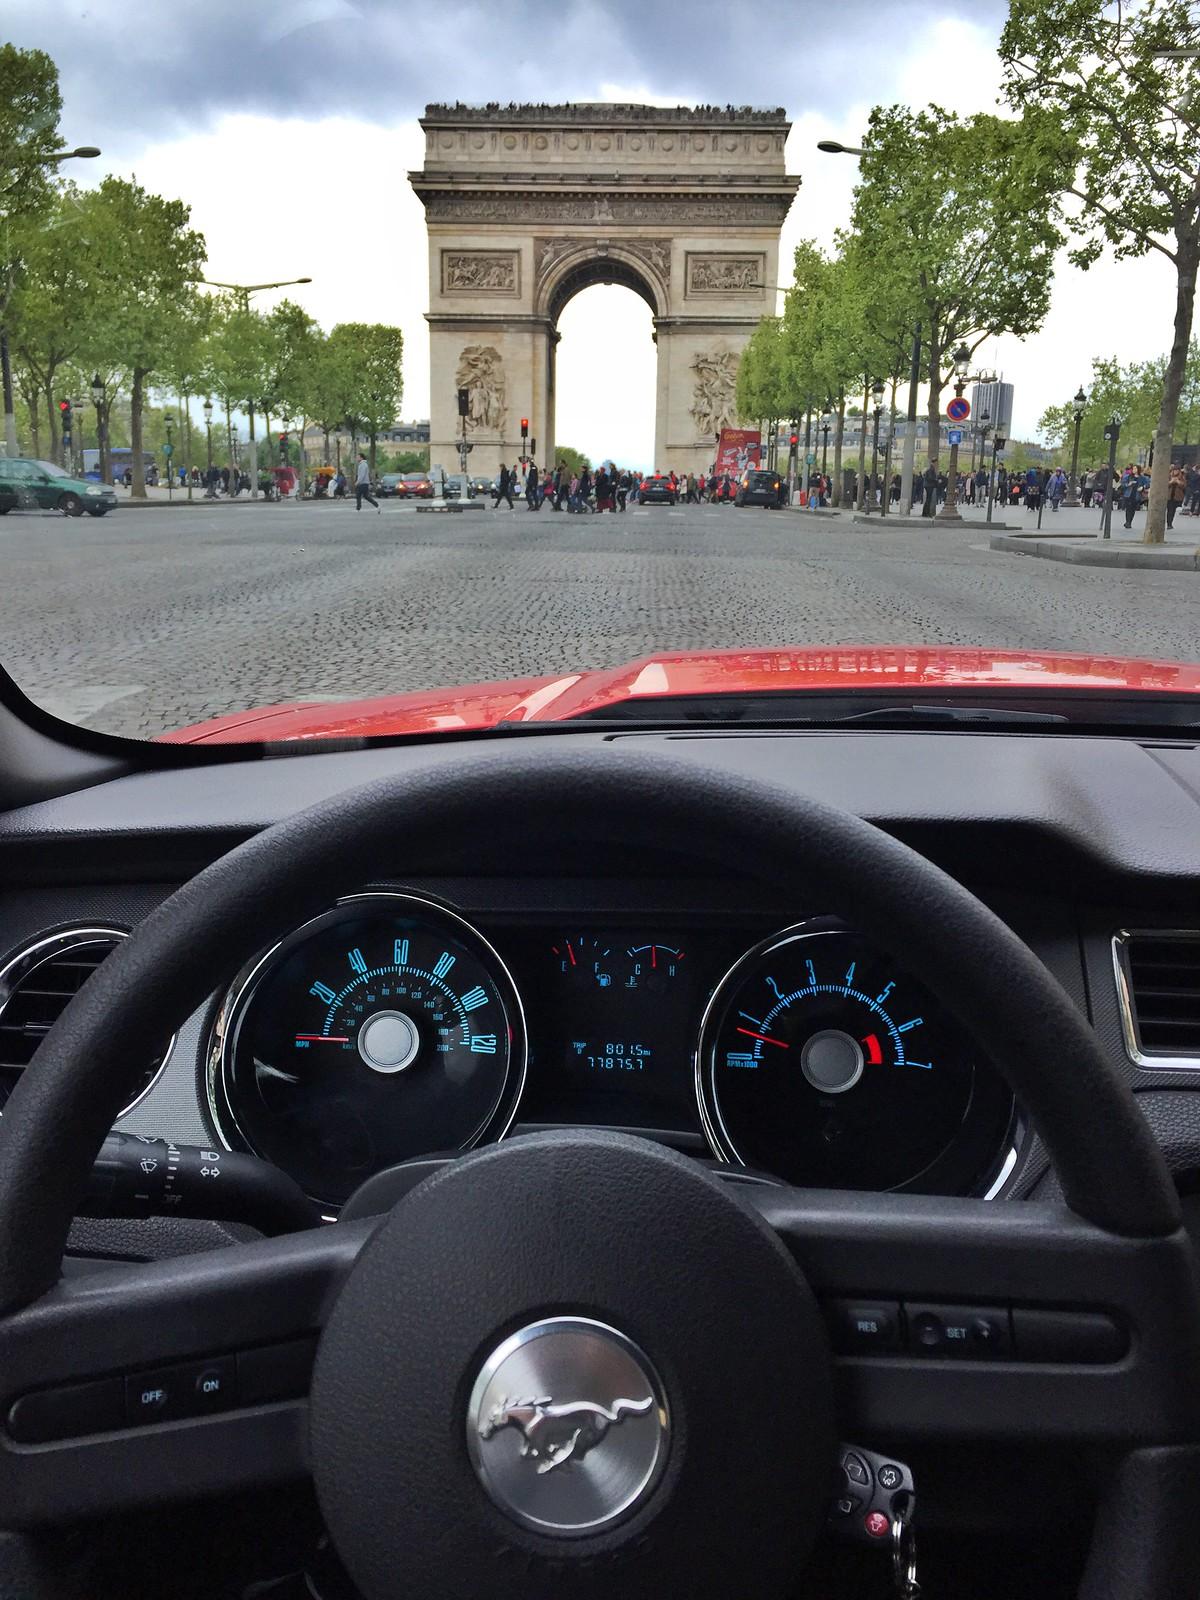 Viajar a Paris con Perro - Travel to Paris with dog viajar a paris con perro - 34559995176 1ce0a86454 h - Viajar a Paris con perro